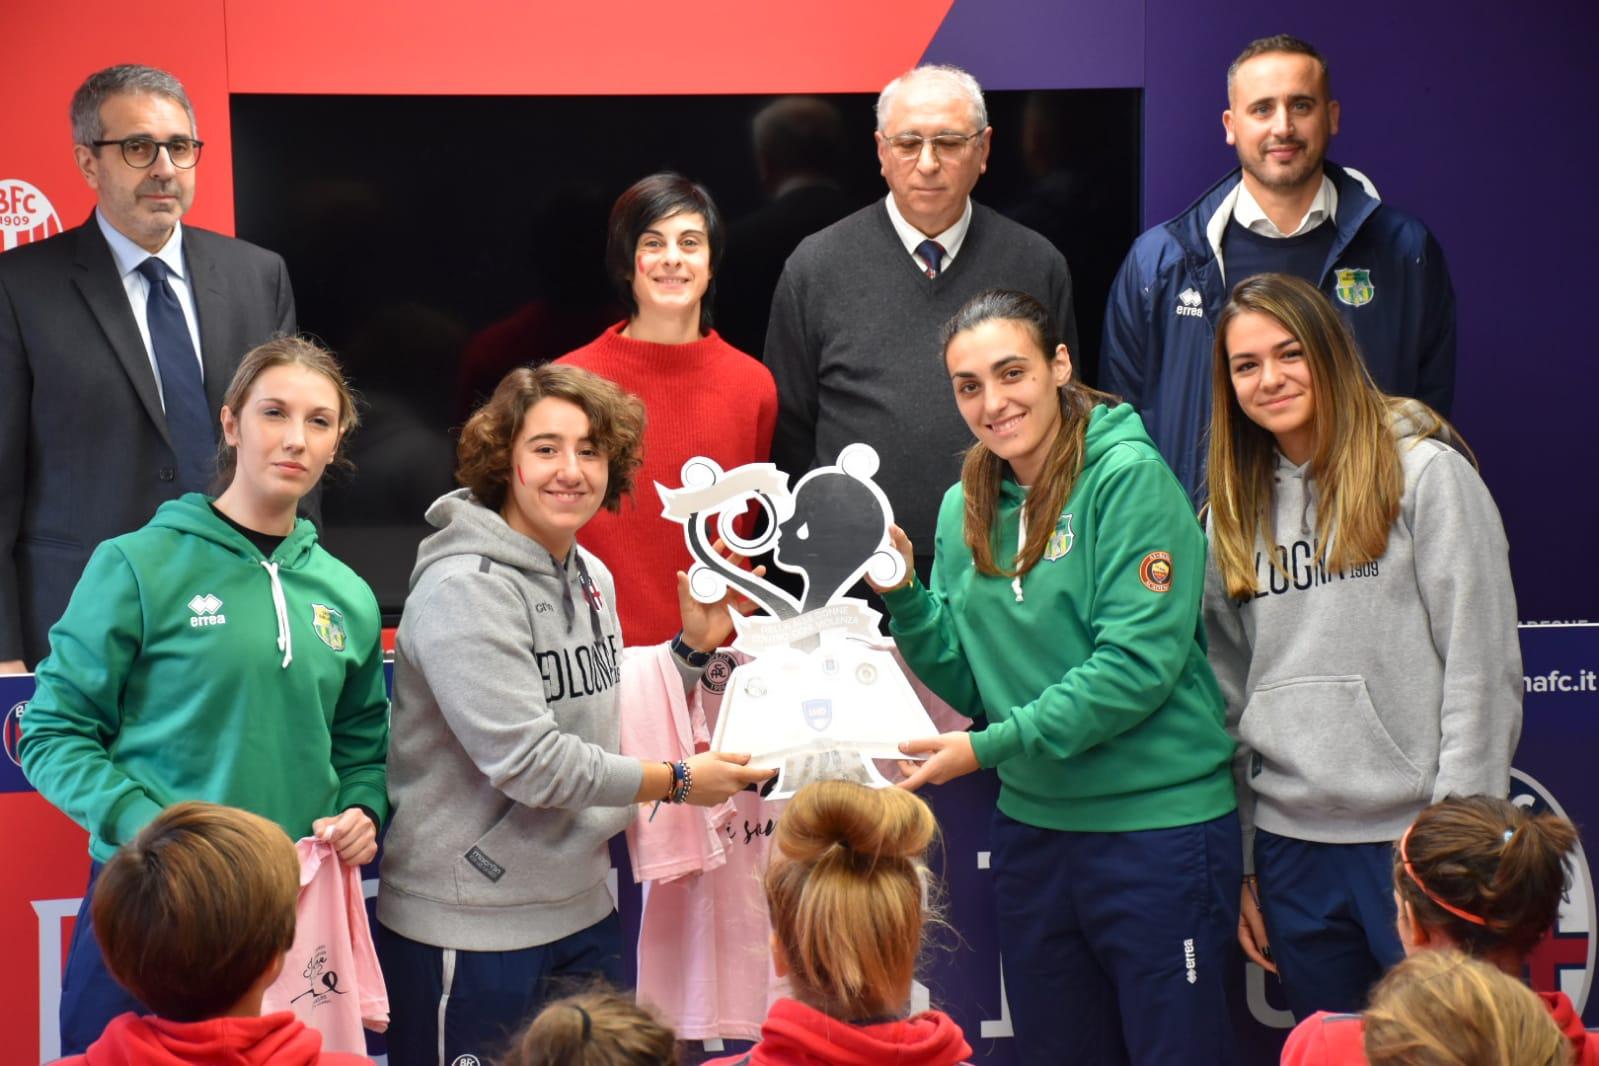 Bologna femminile - Palla alle donne contro ogni violenza